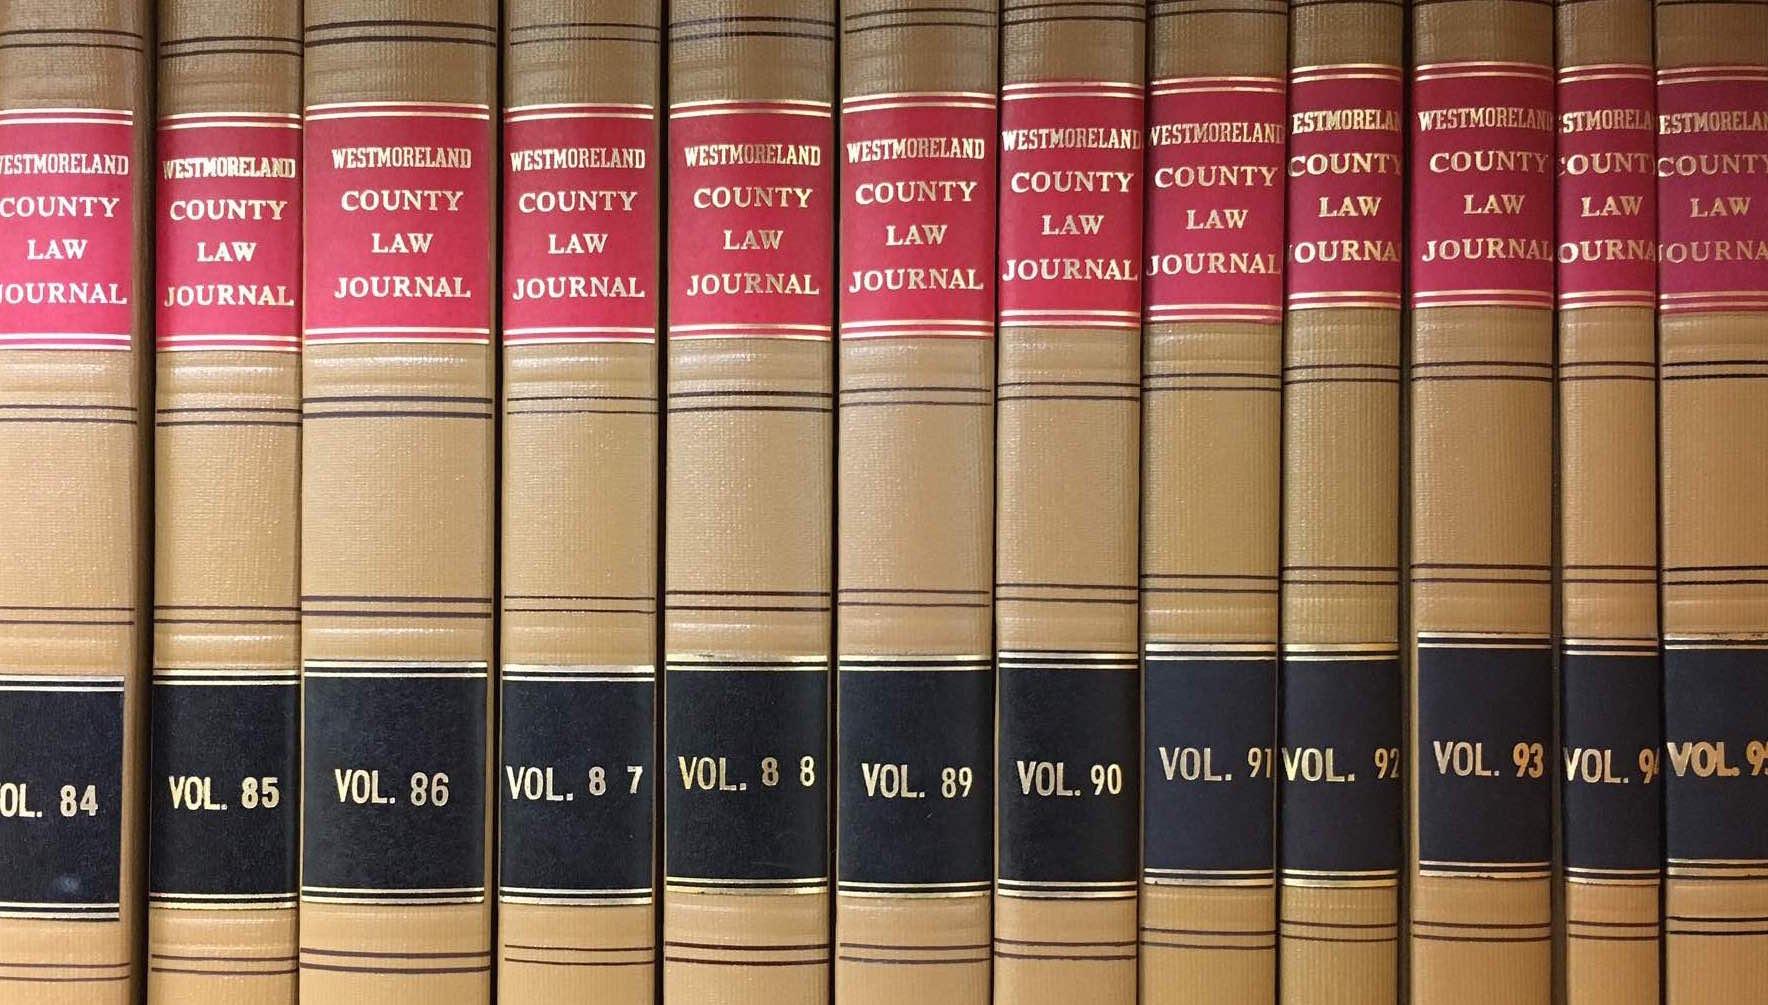 Westmoreland Law Journal bound volumes